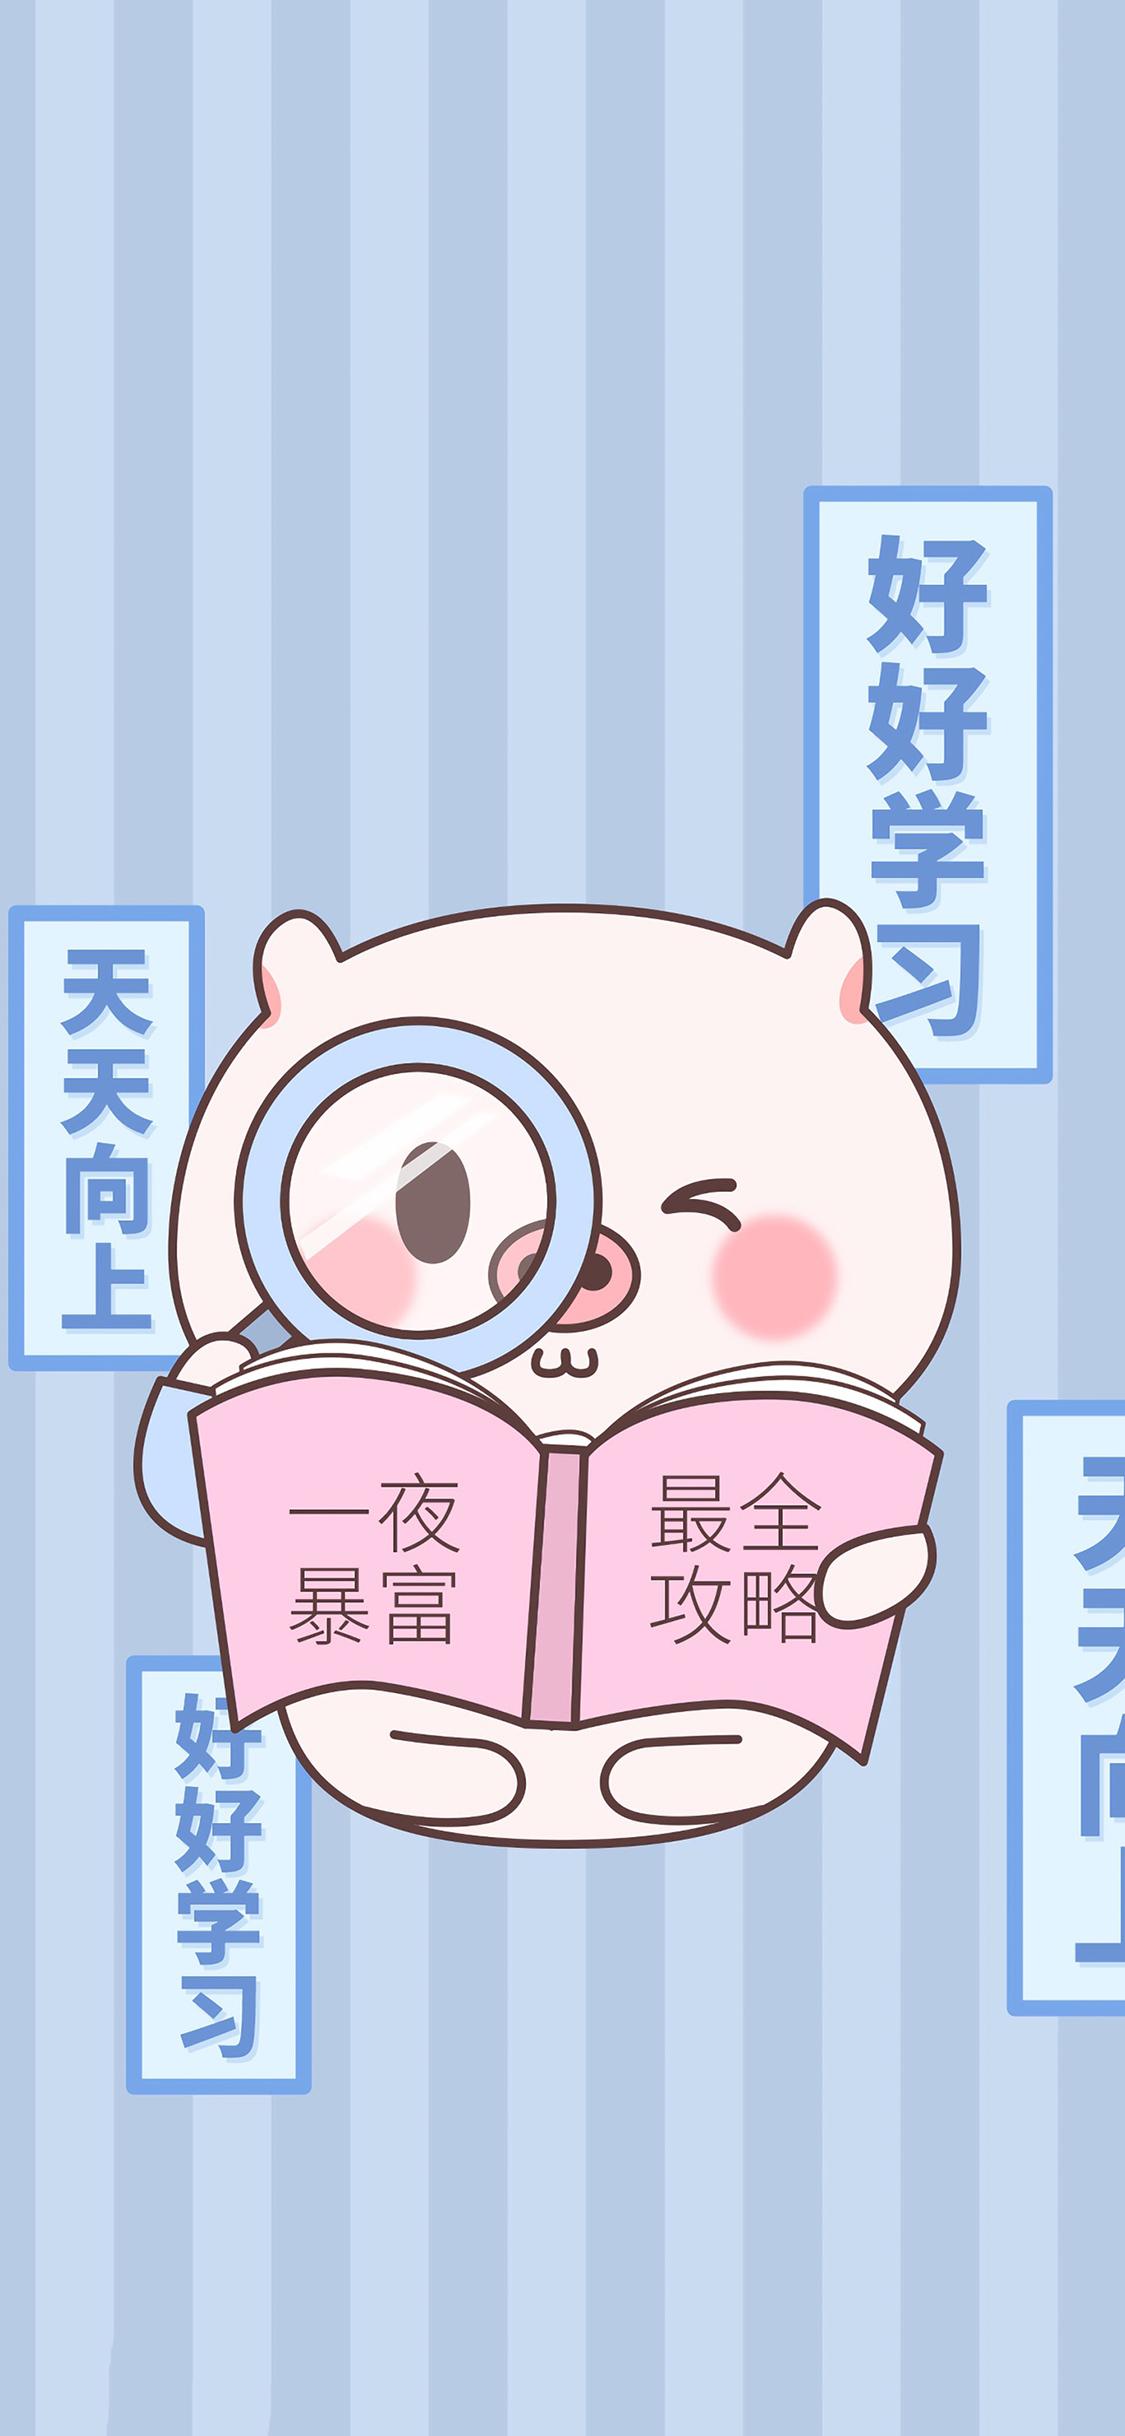 一夜暴富 最全攻略 好好学习 天天向上 猪 卡通 蓝色图片